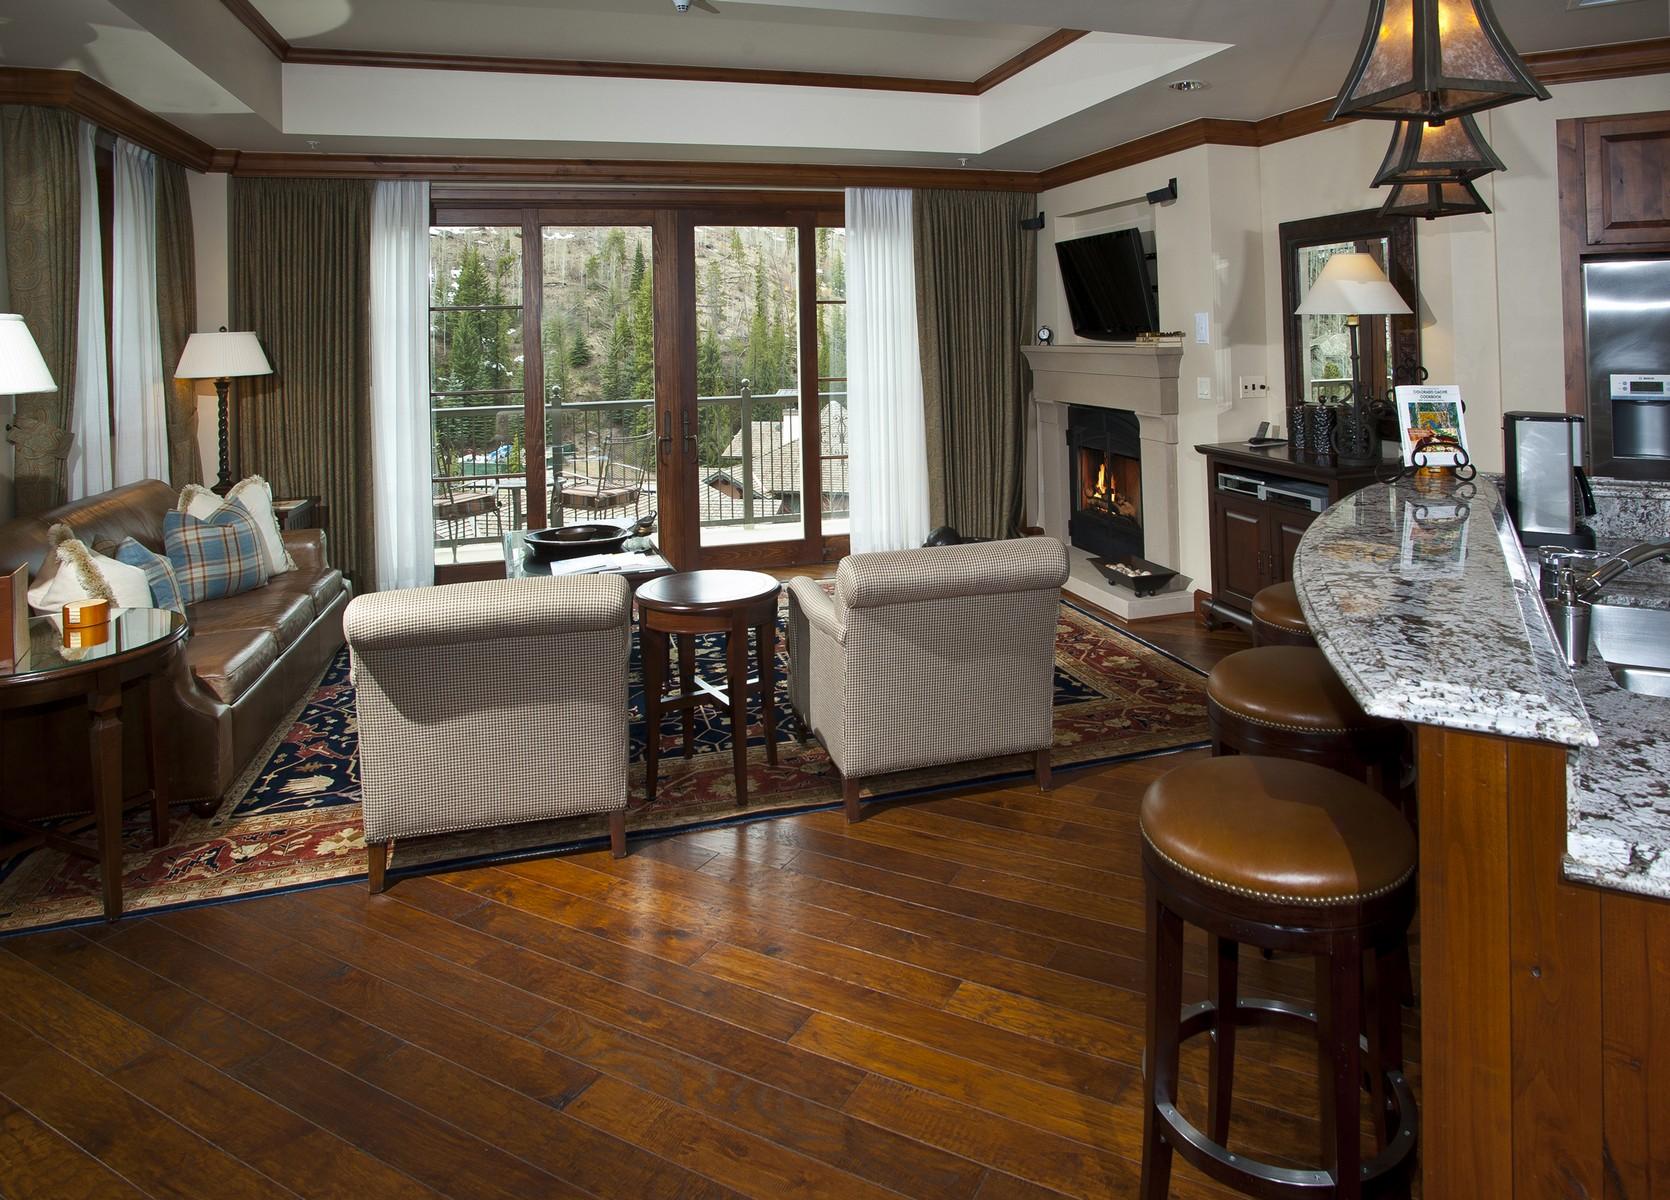 共管物業 為 出售 在 The Ritz Carlton Club, Vail 728 W. Lionshead Circle 429 Vail, 科羅拉多州, 81657 美國